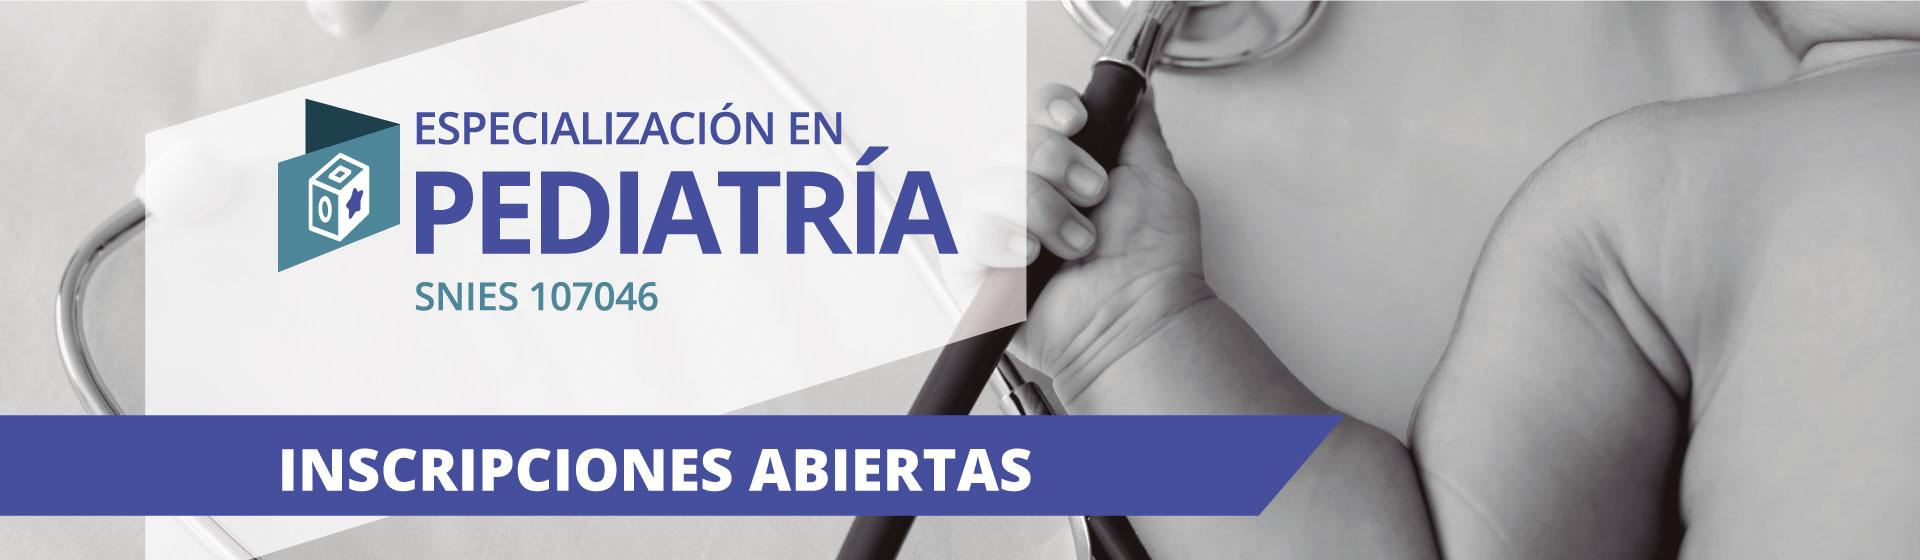 Especialización en Pediatría- Inscripciones Abiertas